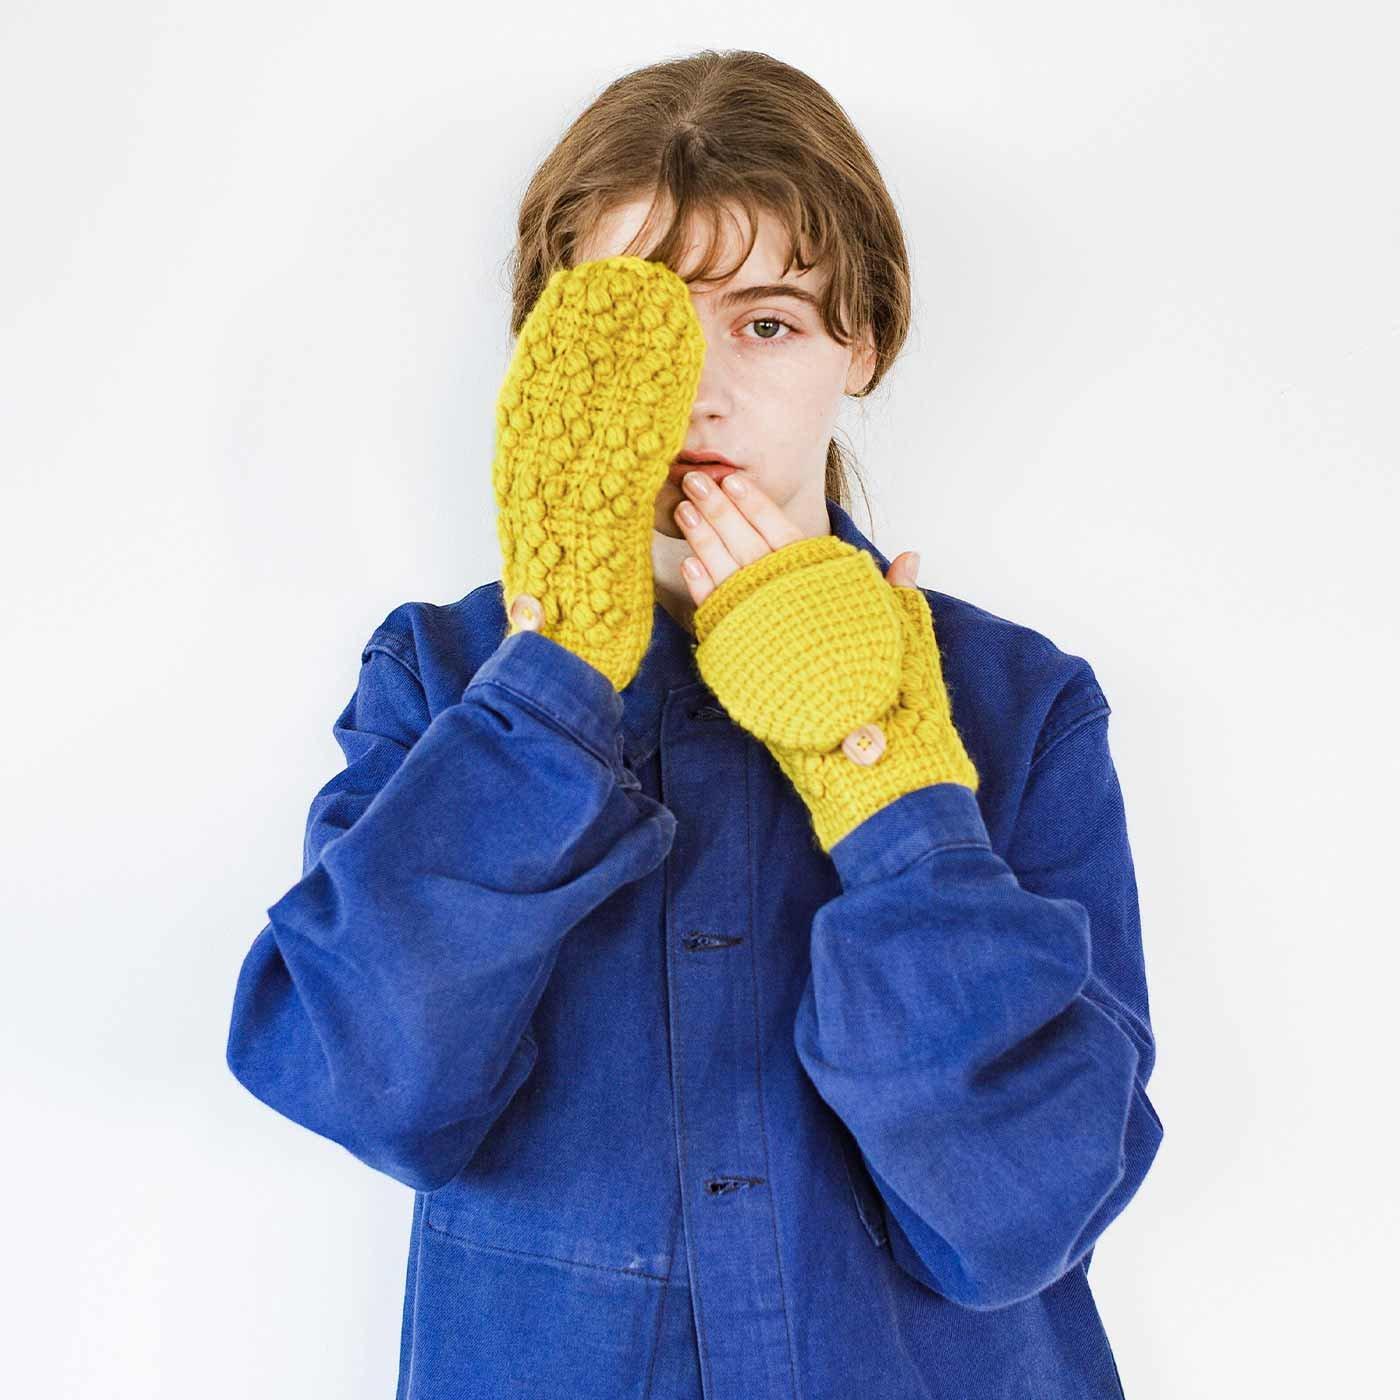 追いかけっこしながら編む ダブルフックが楽しいアフガン編みのミトンの会